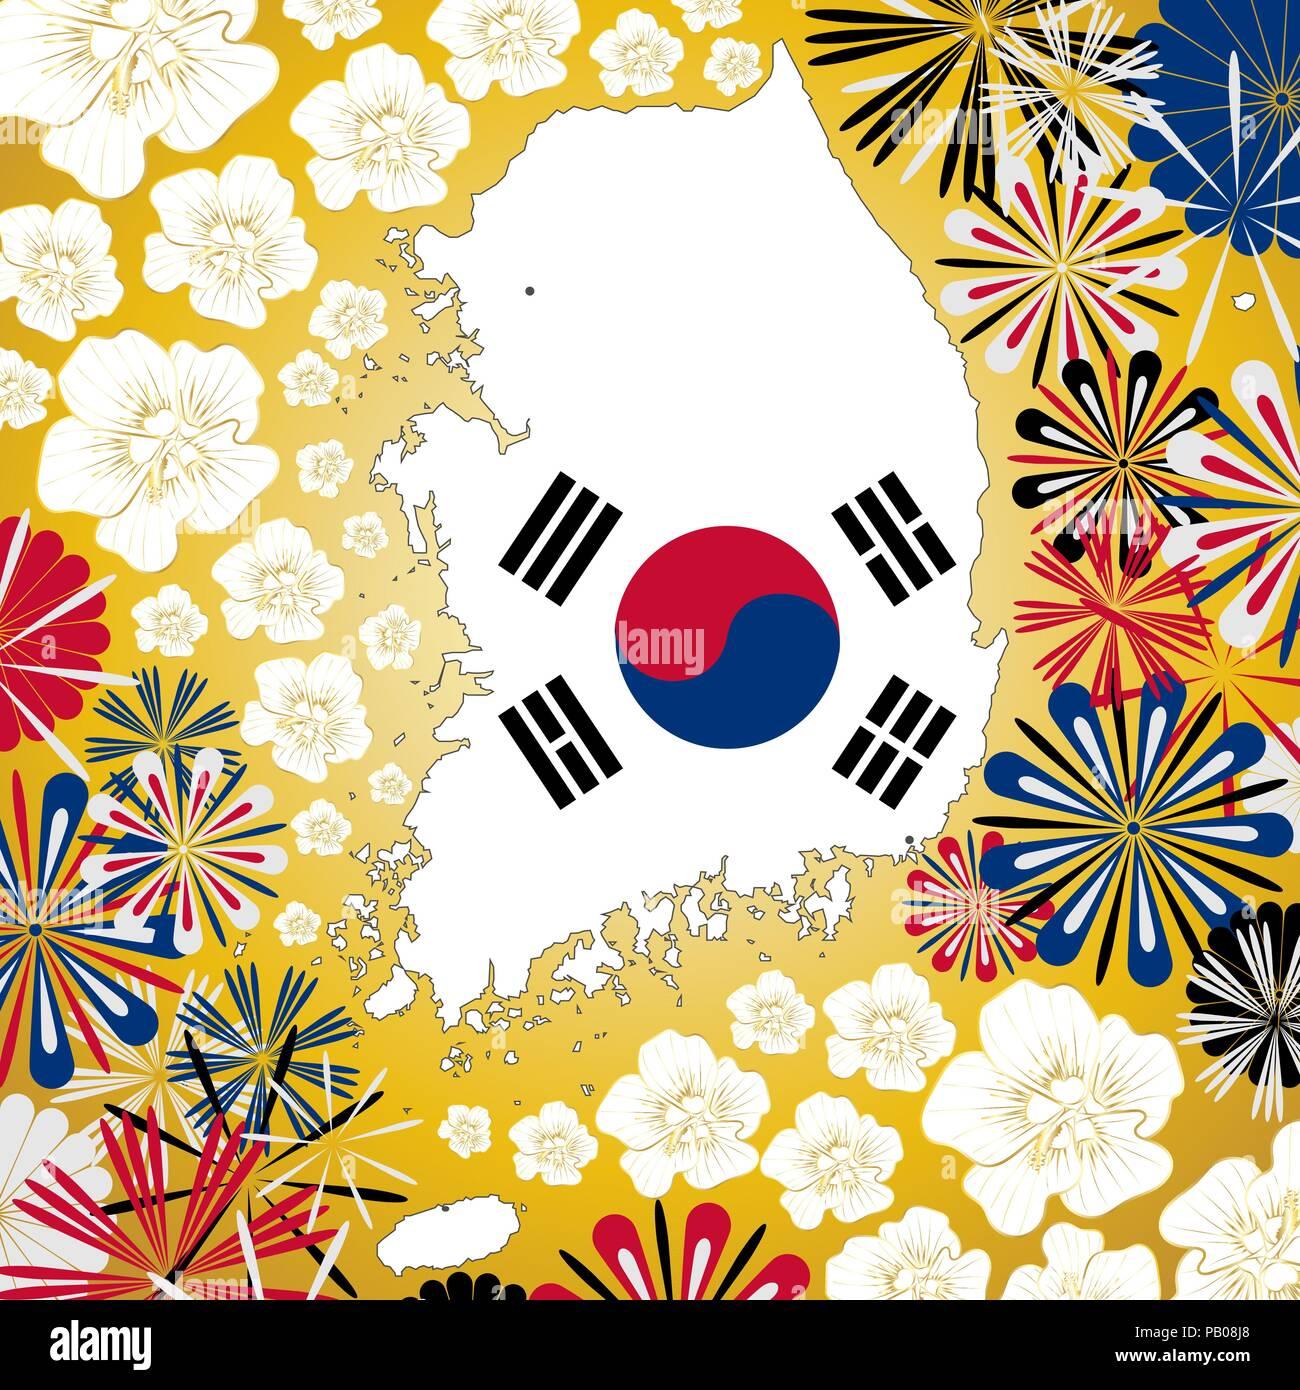 Tarjeta De Vectores Con Corea Del Sur Mapa Sobre Fondo Dorado